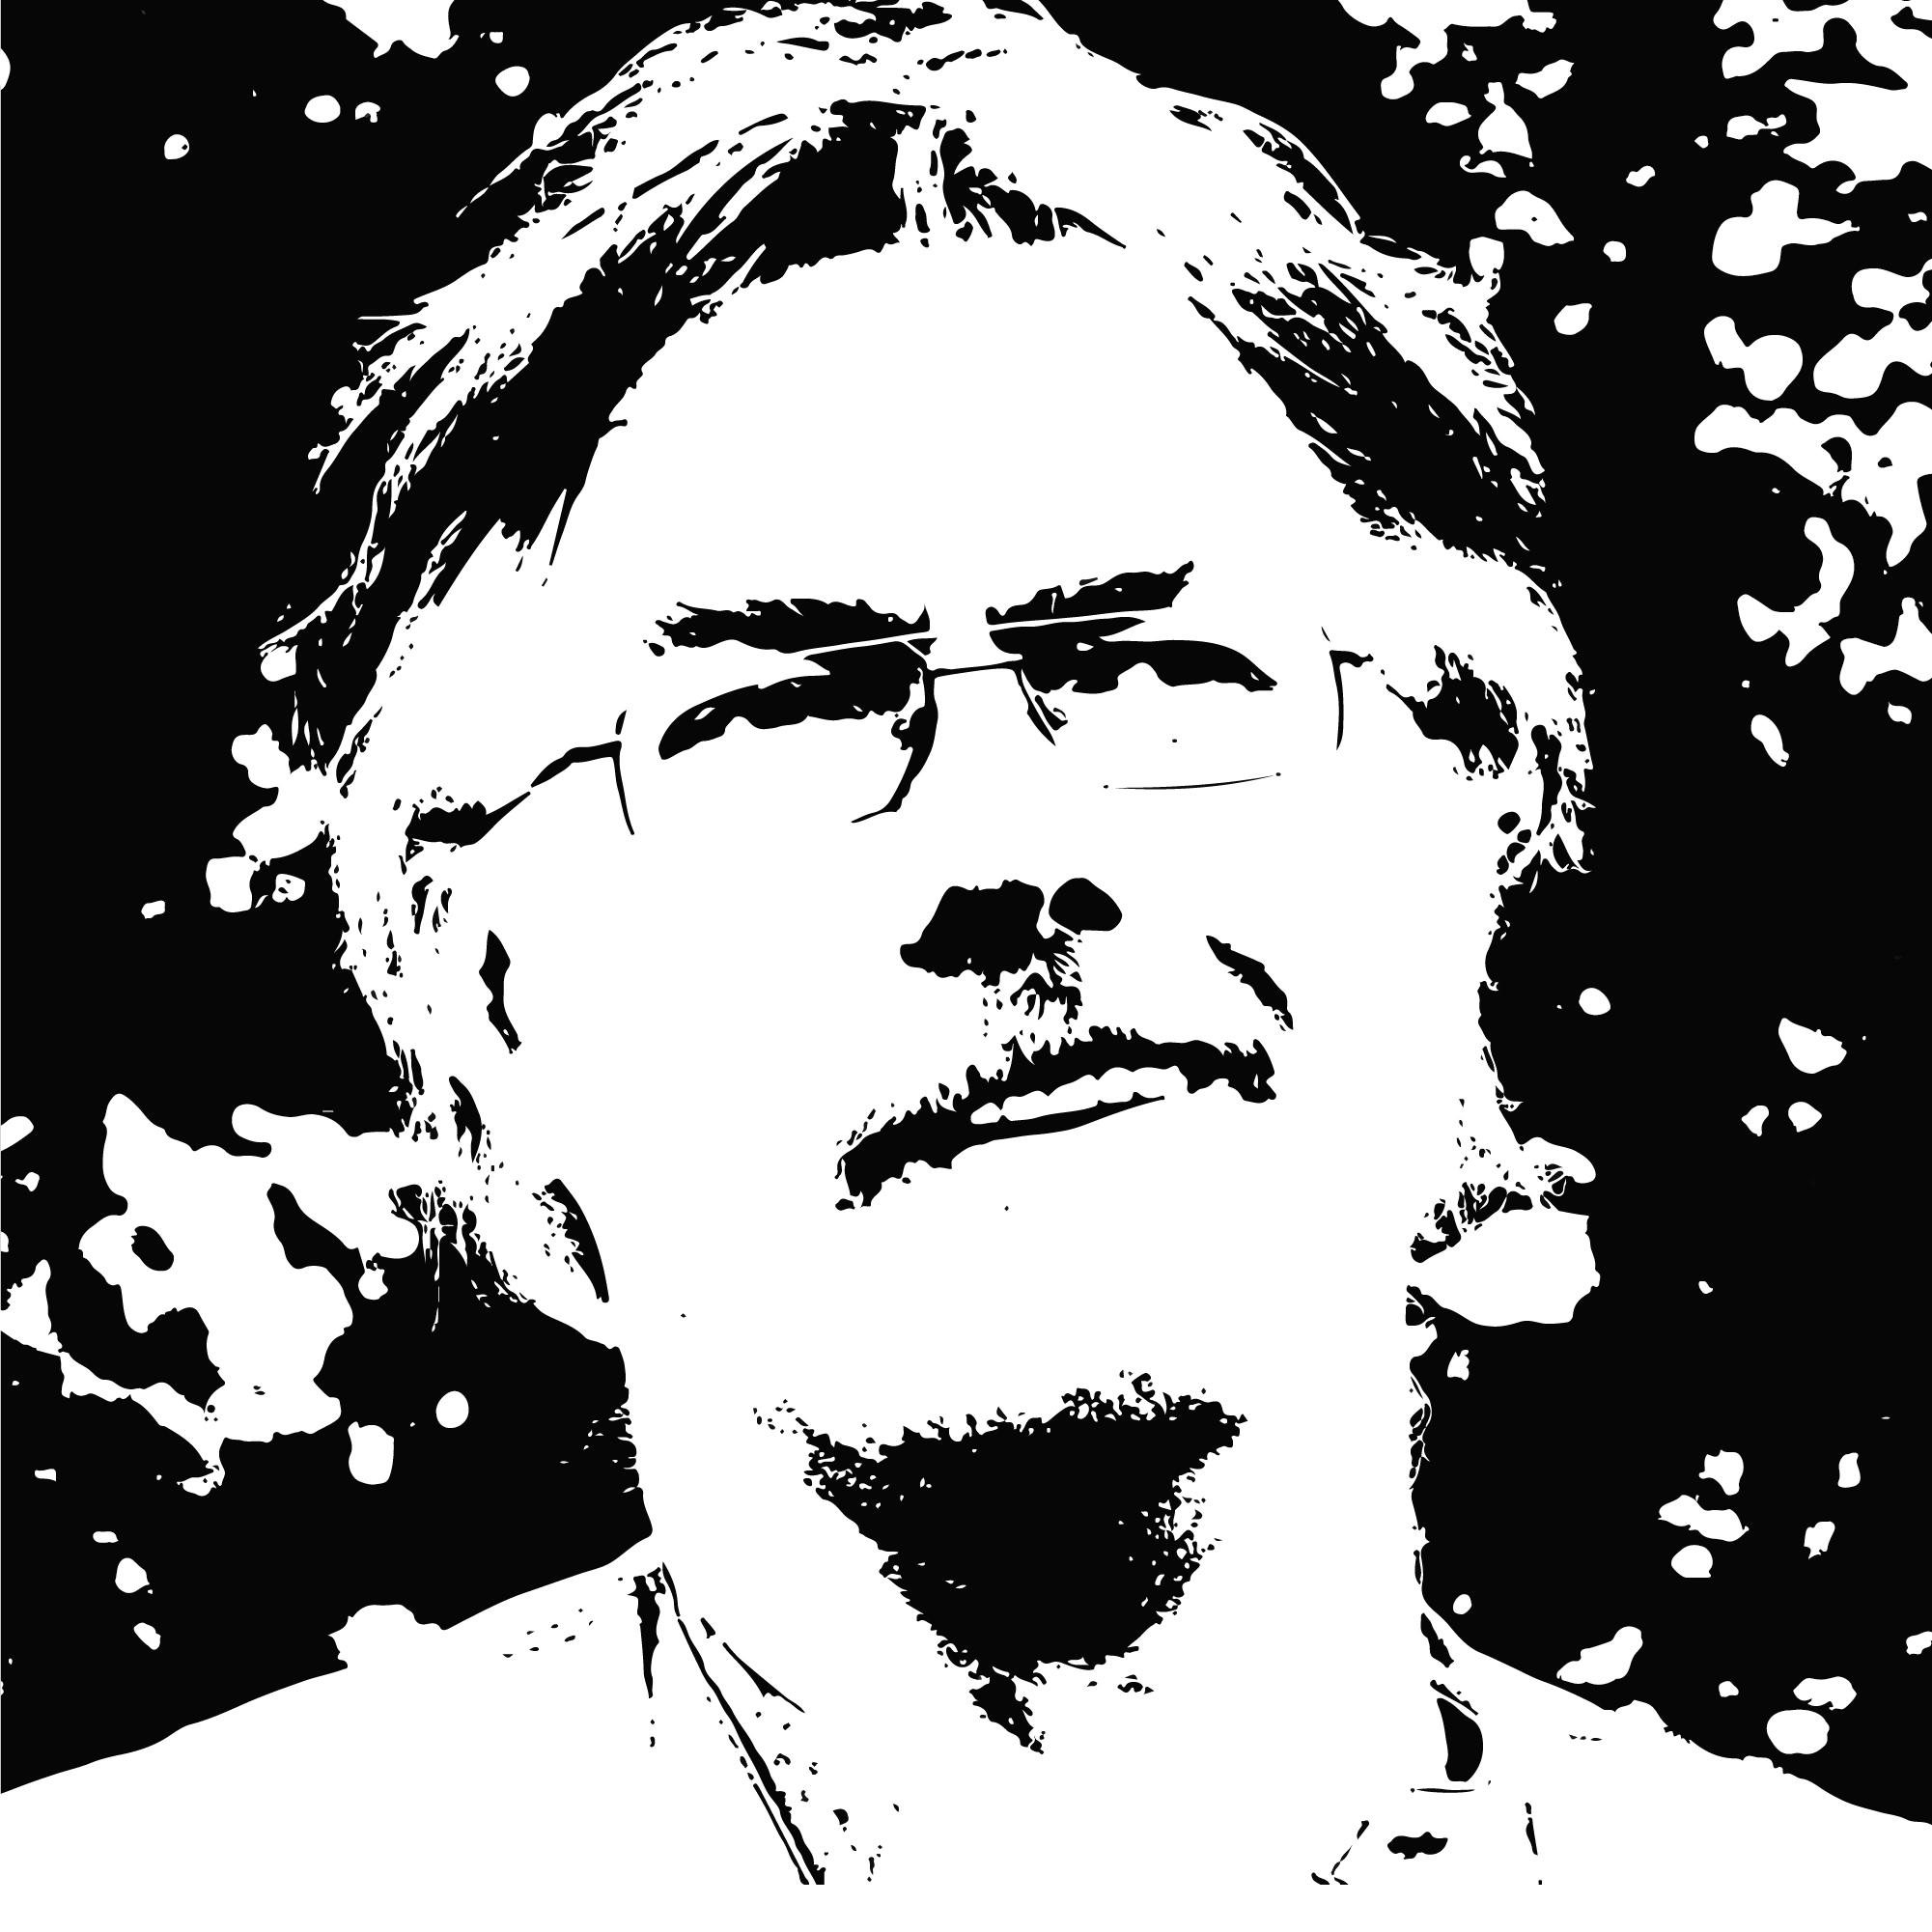 czarno-biały stylizowany portret łotewskiego autora Edvins Raups. To mężczyzna w średnim wieku, z siwiejącymi włosami. Ma okulary i wąsy. Zdjęcie lekko z dołu, mężczyzna patrzy w zamyśleniu poza kadr. Za nim niewyraźne tło, przypominające zarośla.